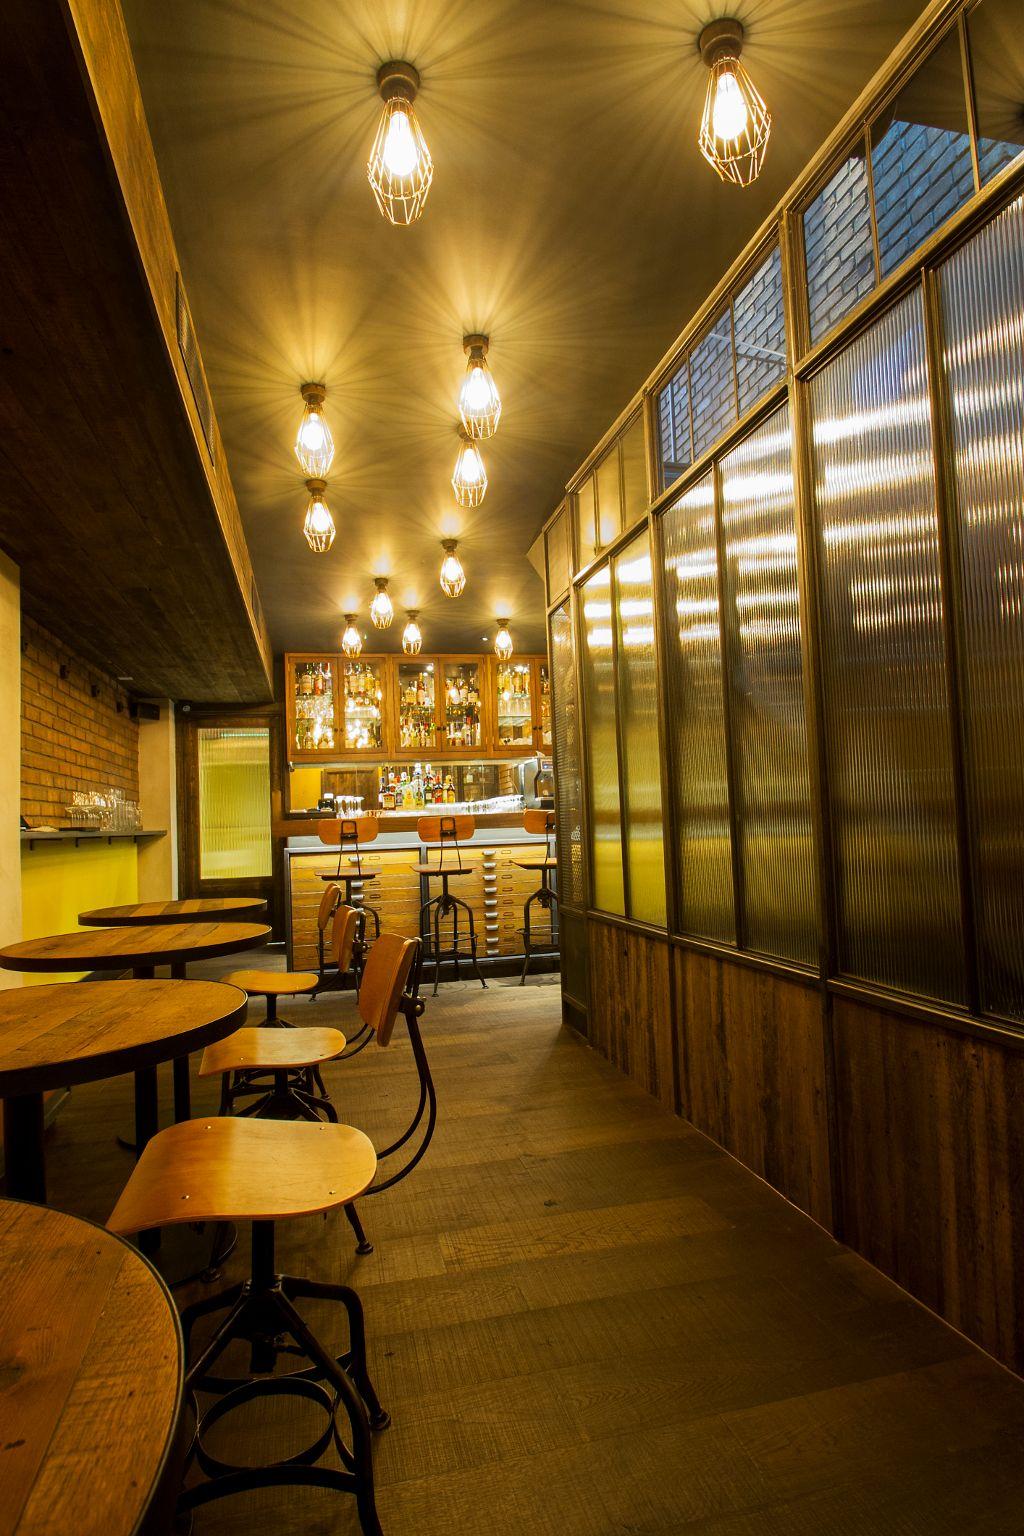 Sackville S London B3 Designers Restaurant Bar Design Bar Design Restaurant Bar Design Restaurant Interior Design